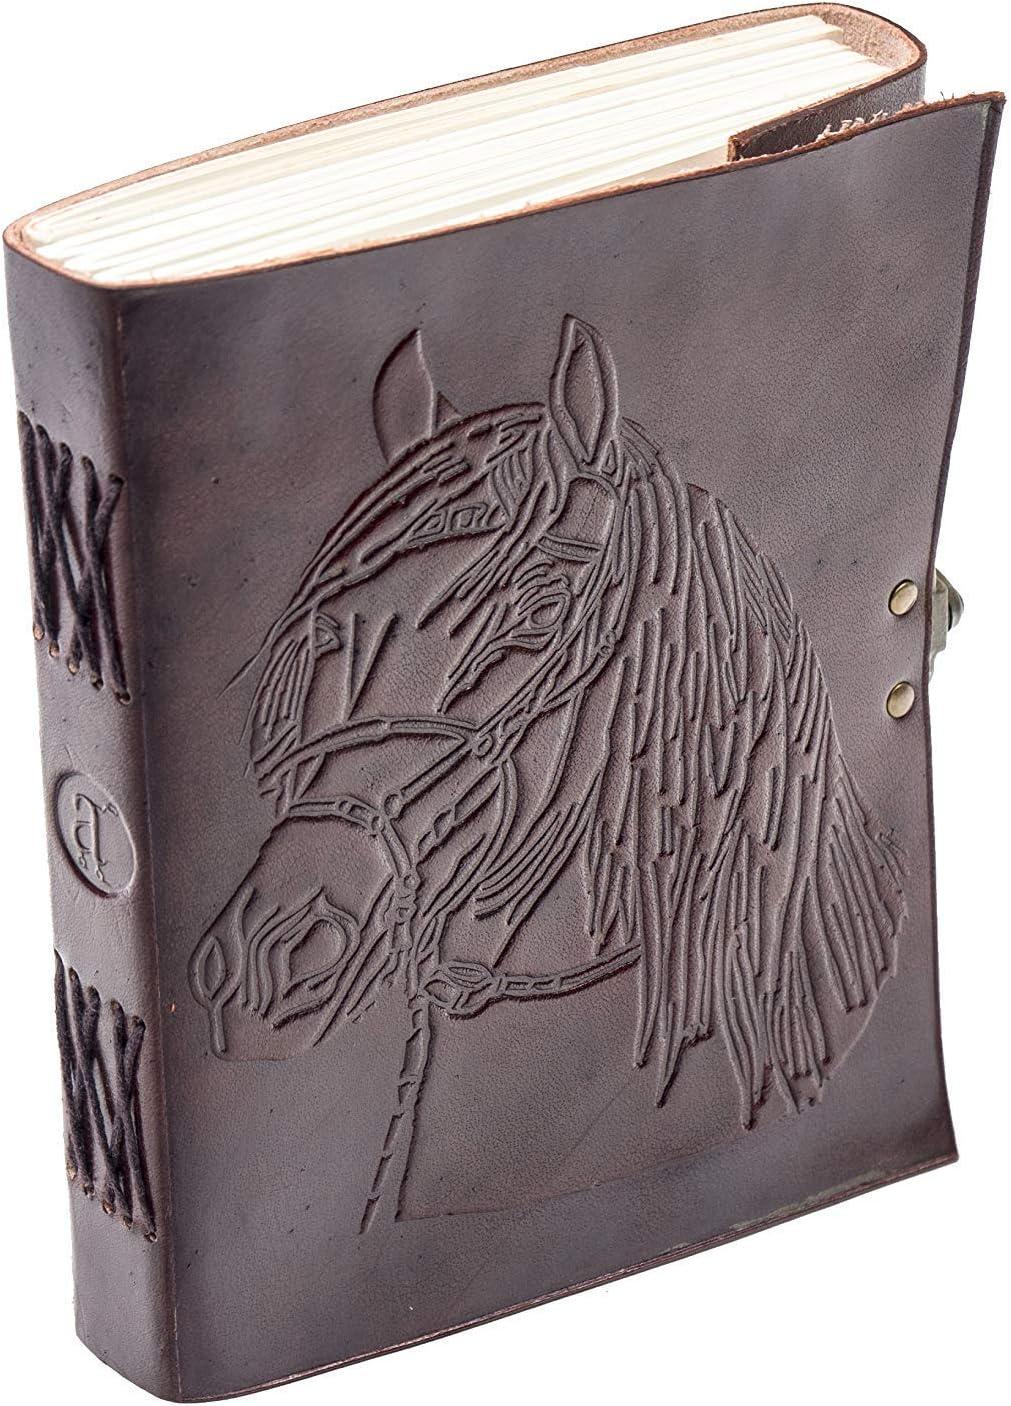 ANUENT Diario de cuero con diseño de caballo vintage en relieve, diario (hojas multipropósito) con cierre de bloqueo